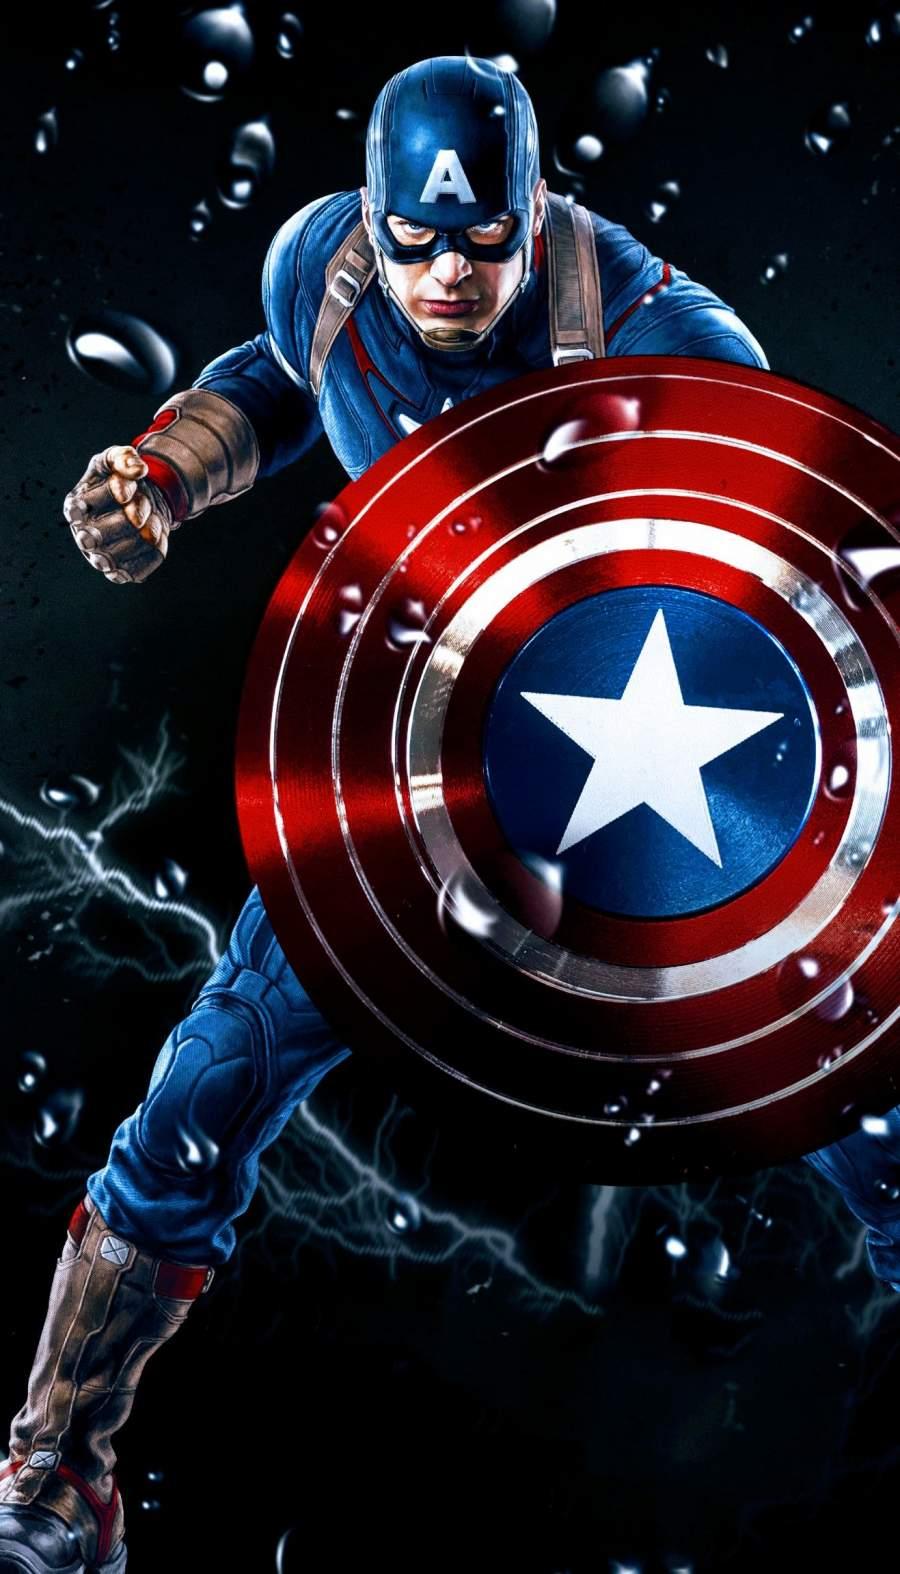 Captain America The Avenger iPhone Wallpaper